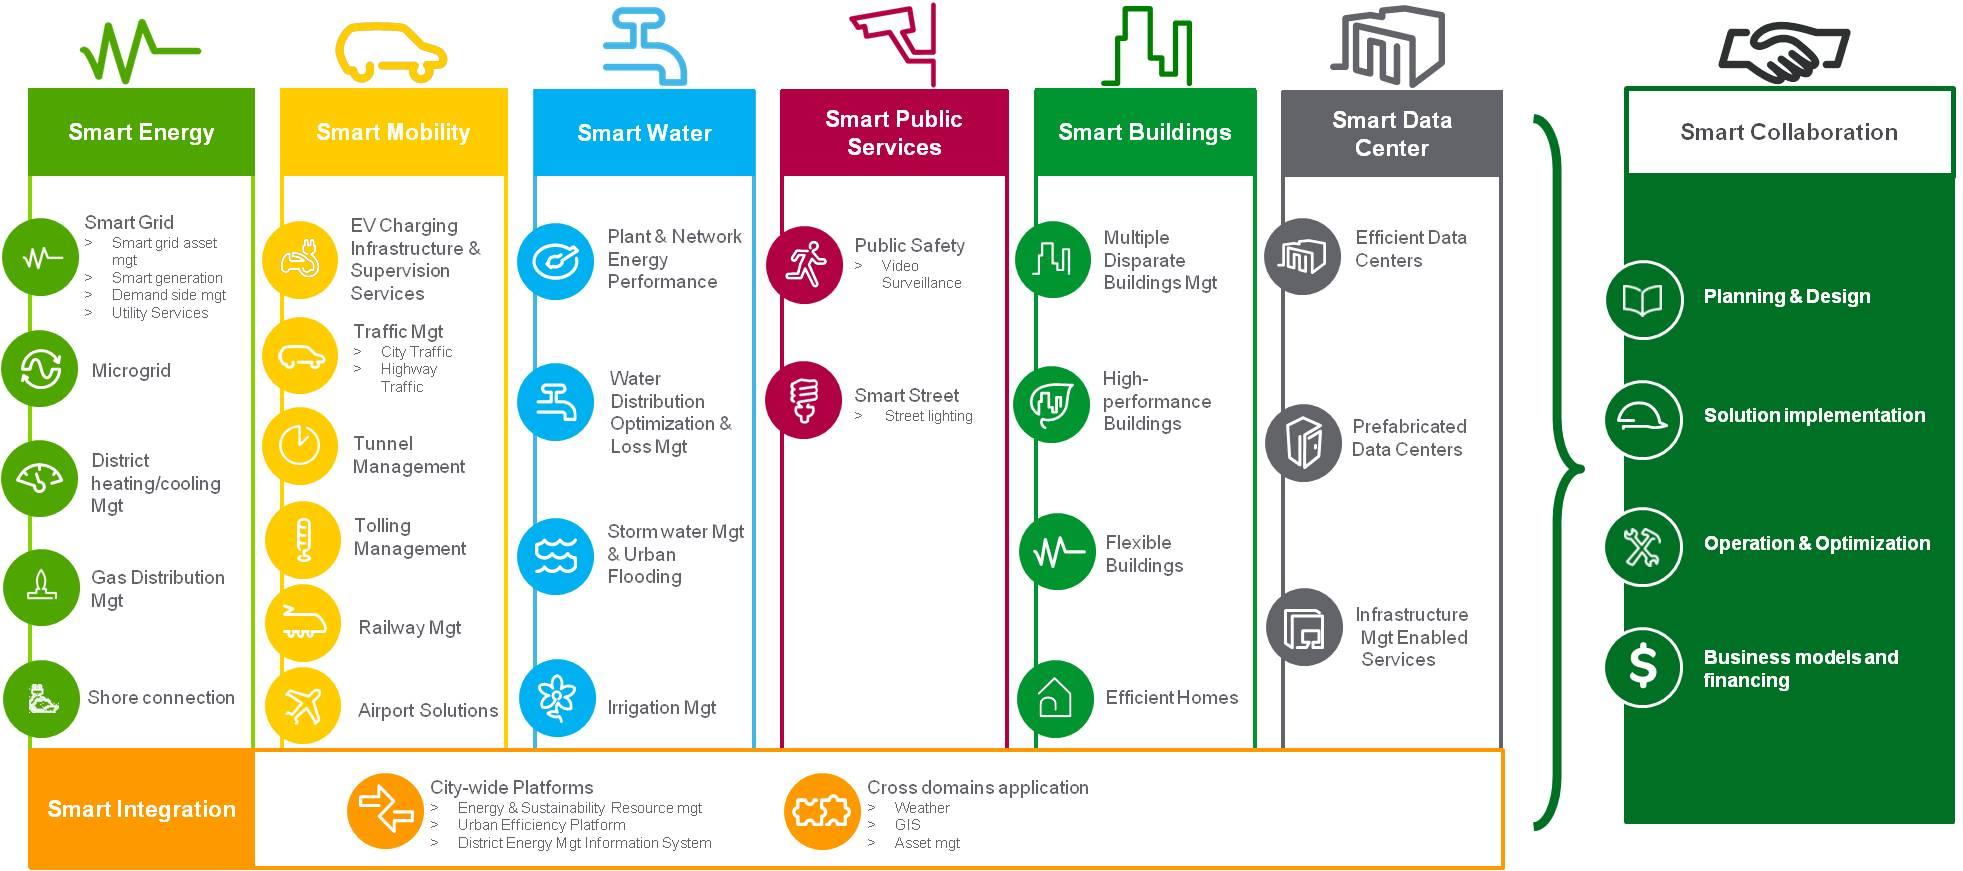 btl-smart-cities-segments